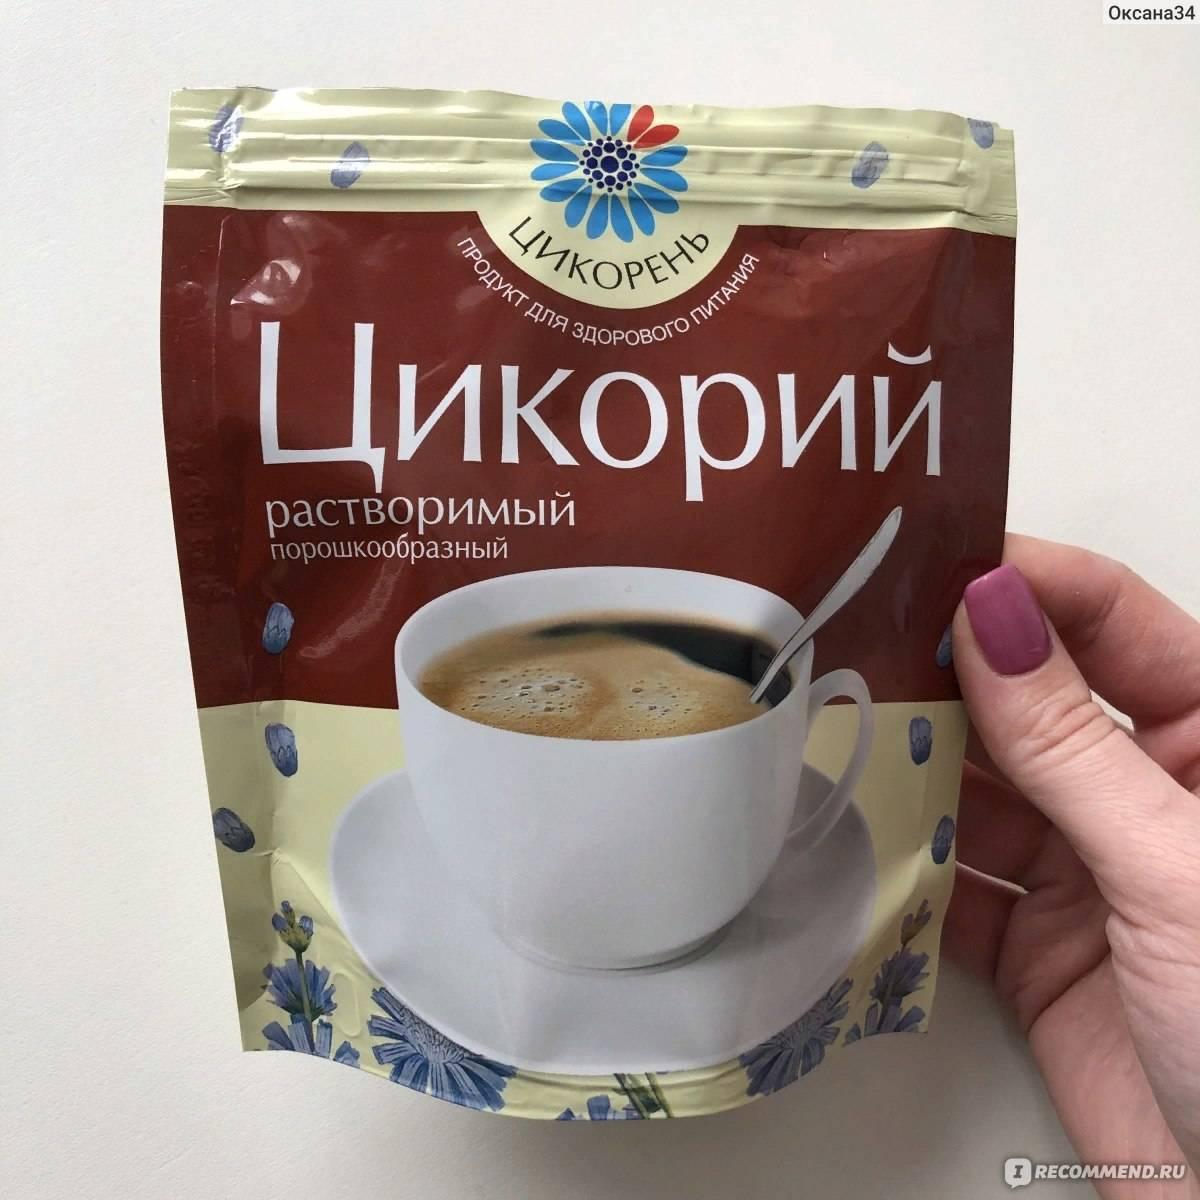 Кофе или цикорий: что полезнее, вкусовые качества, влияние на организм, польза и вред, отзывы